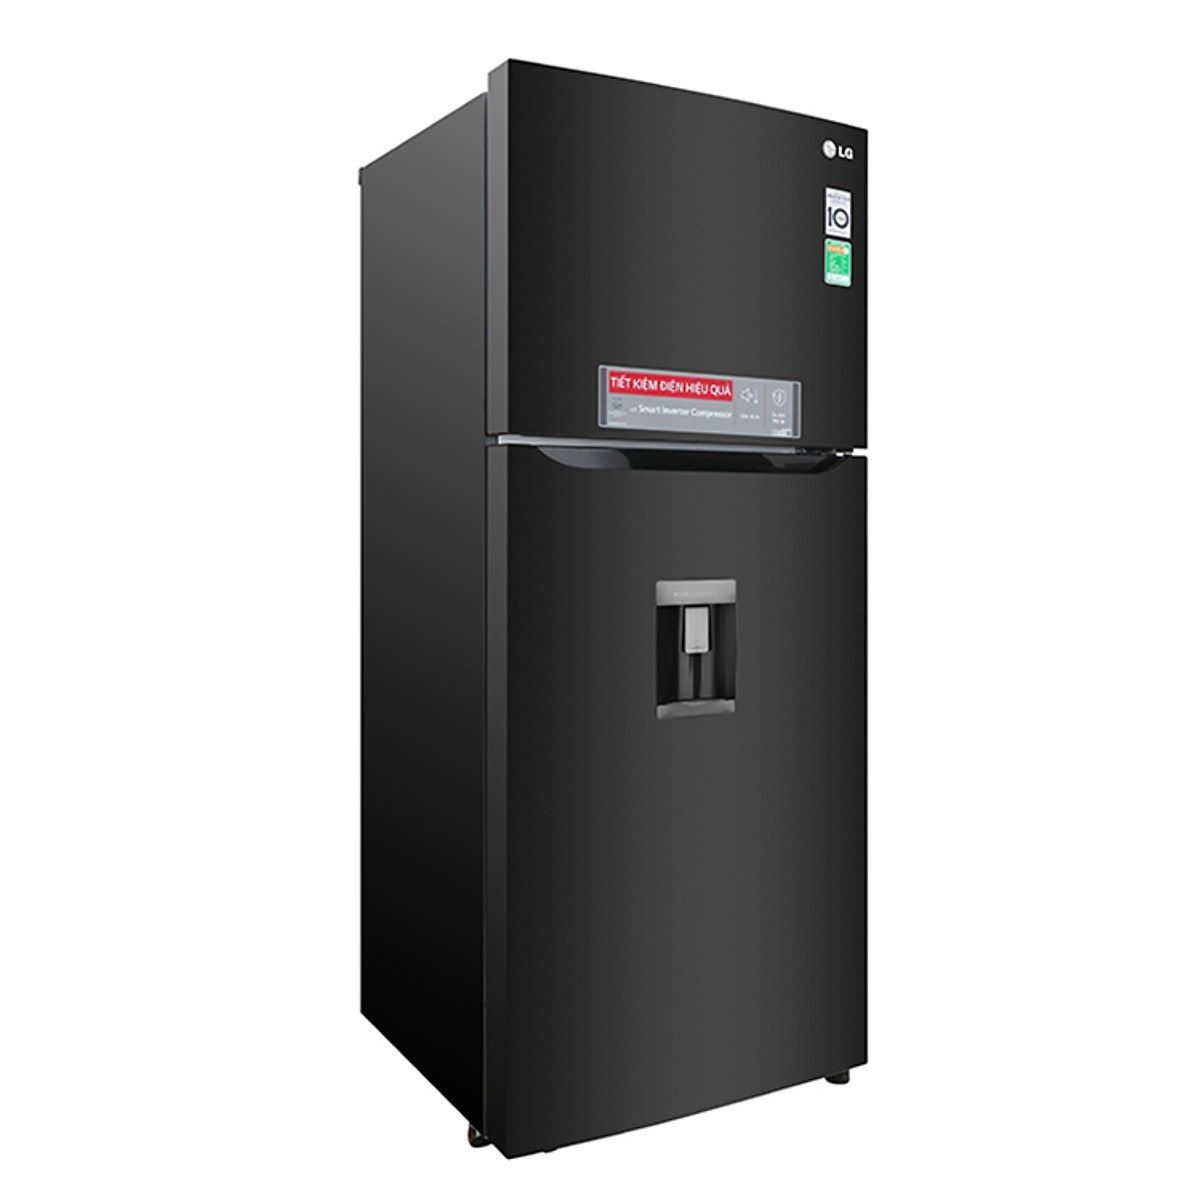 Tủ Lạnh Inverter LG GN-D422BL (393L) – Hàng Chính Hãng + Tặng Bình Đun Siêu Tốc